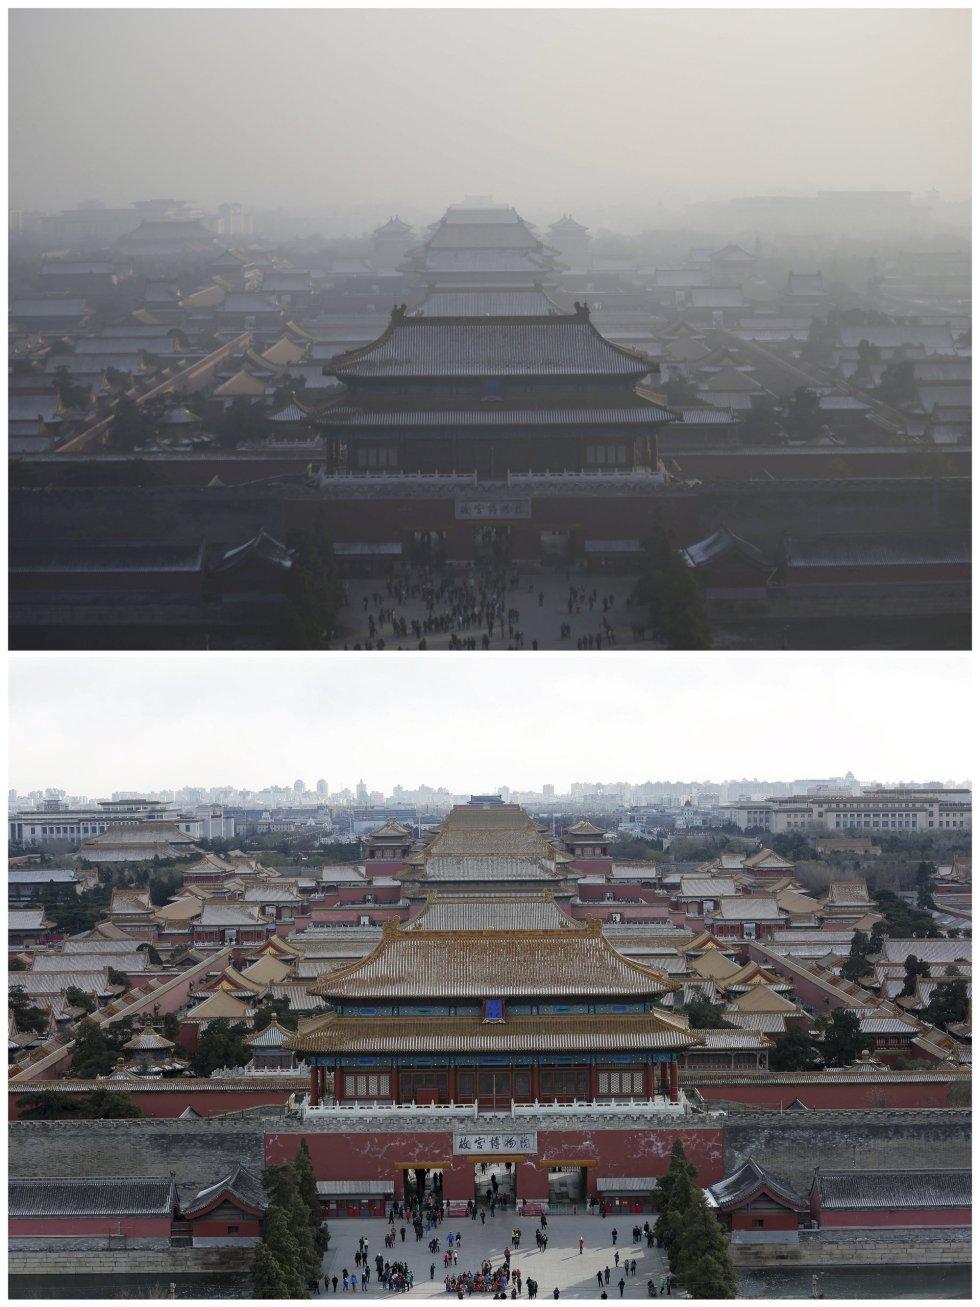 La ciudad prohibida, bajo la contaminación y en un día soleado.